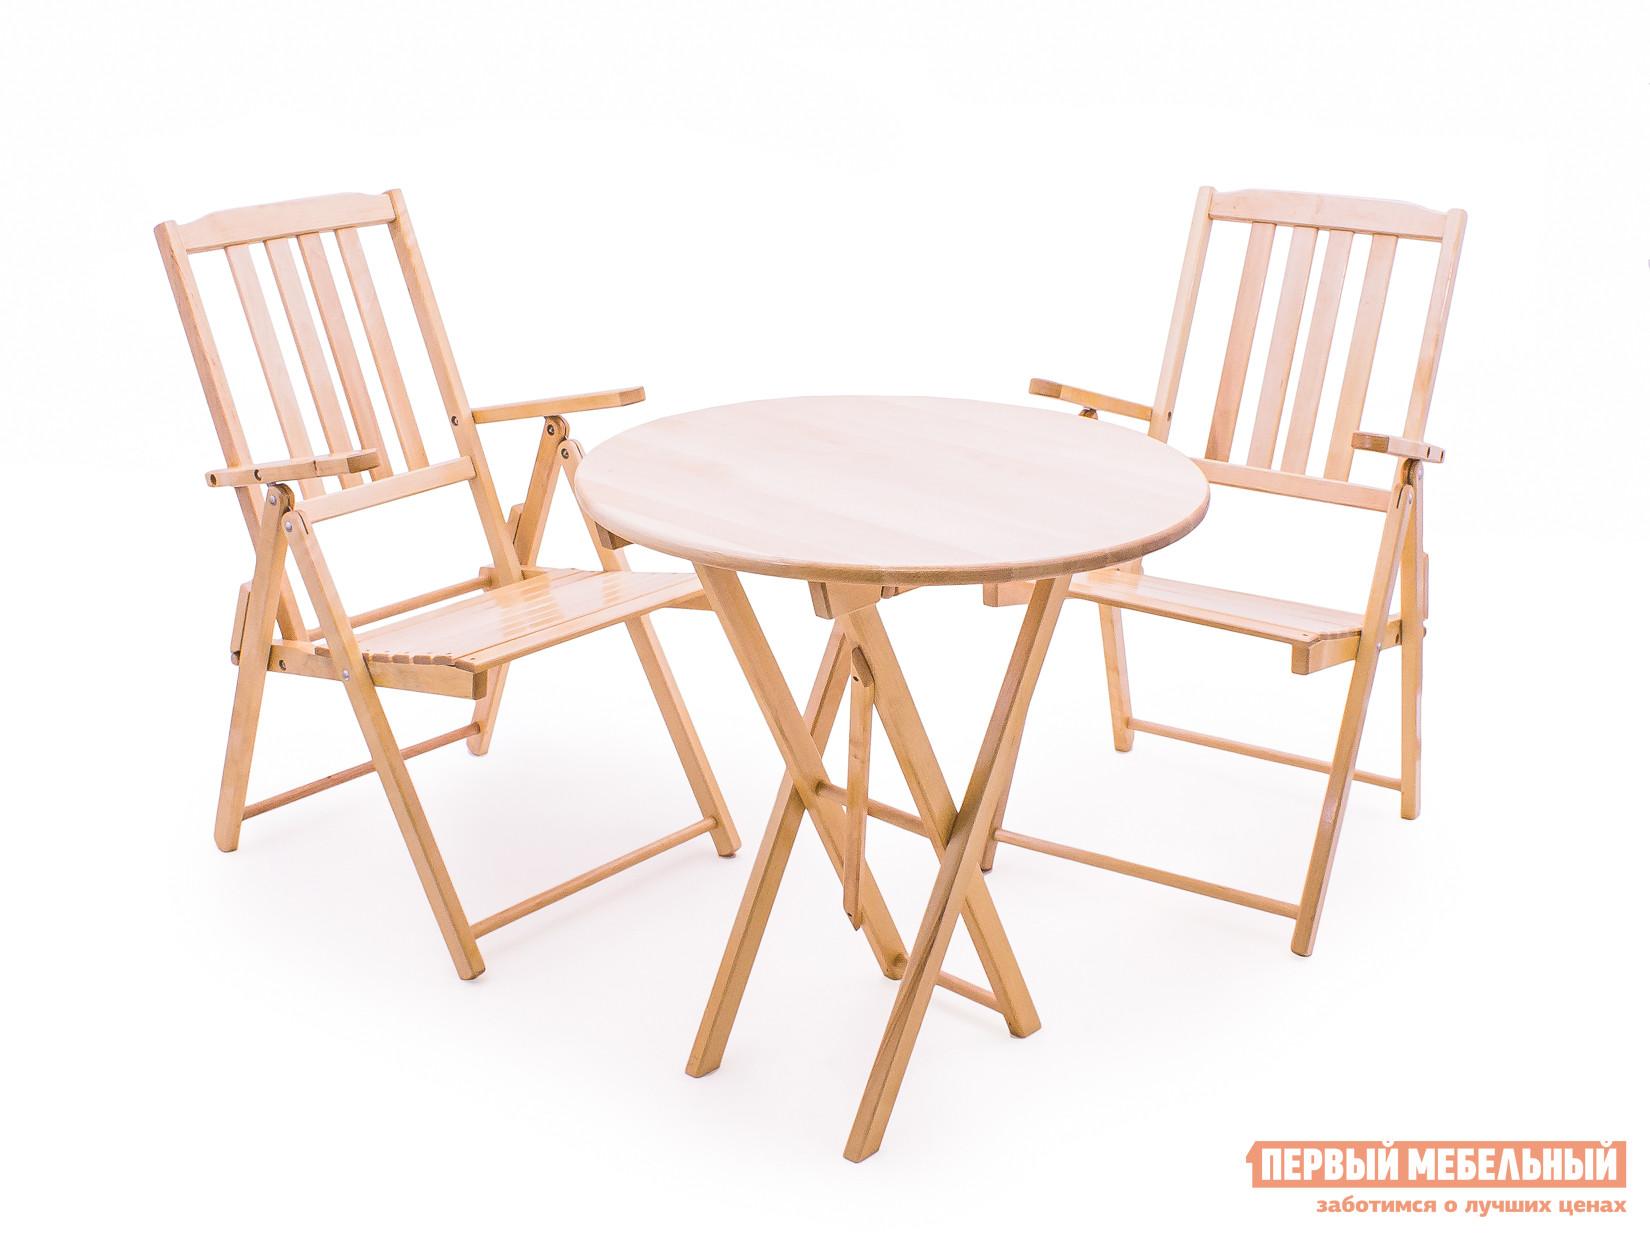 Комплект садовой мебели СМКА СМ012Б + СМ047Б БерезаКомплекты садовой мебели<br>Габаритные размеры ВхШхГ xx мм. Лаконичность и комфорт, практичность и компактность — все это про комплект садовой мебели из натурального дерева «Комилани-2».  Изящность массива березы подчеркнута атмосферостойким лаком, который предохраняет древесину от воздействия влаги и придает приятный блеск поверхности. Комплект состоит из трех изделий, которые поставляются в собранном виде.  Чтобы начать использование, их нужно просто разложить и поставить в отведенное место.  В сложенном же виде гарнитур не займет много места и поместится в легковом автомобиле.   В сложенном виде кресло имеет размеры (ВхШхГ): 210 х 530 х 910 мм, а стол (ВхШхГ): 80 х 1010 х 700 мм.<br><br>Цвет: Светлое дерево<br>Кол-во упаковок: 3<br>Форма поставки: В собранном виде<br>Срок гарантии: 1 год<br>Тип: С обеденным столом<br>Тип: Со стульями<br>Материал: Массив дерева<br>Порода дерева: Береза<br>Вместимость: На 2 персоны<br>С подлокотниками: Да